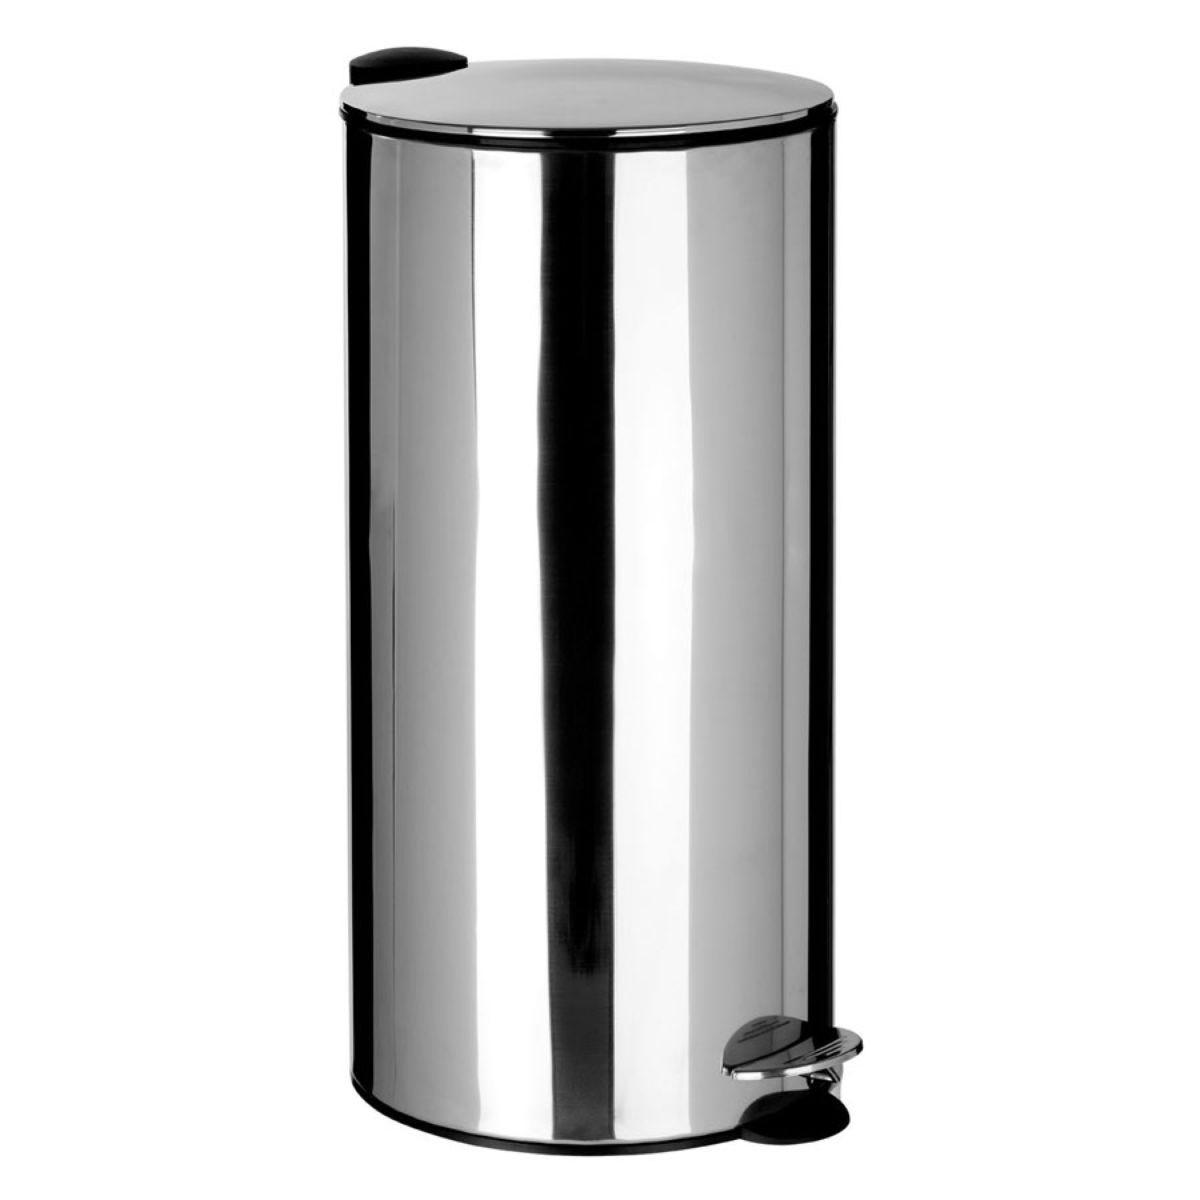 Premier Housewares 30L Pedal Bin - Mirrored